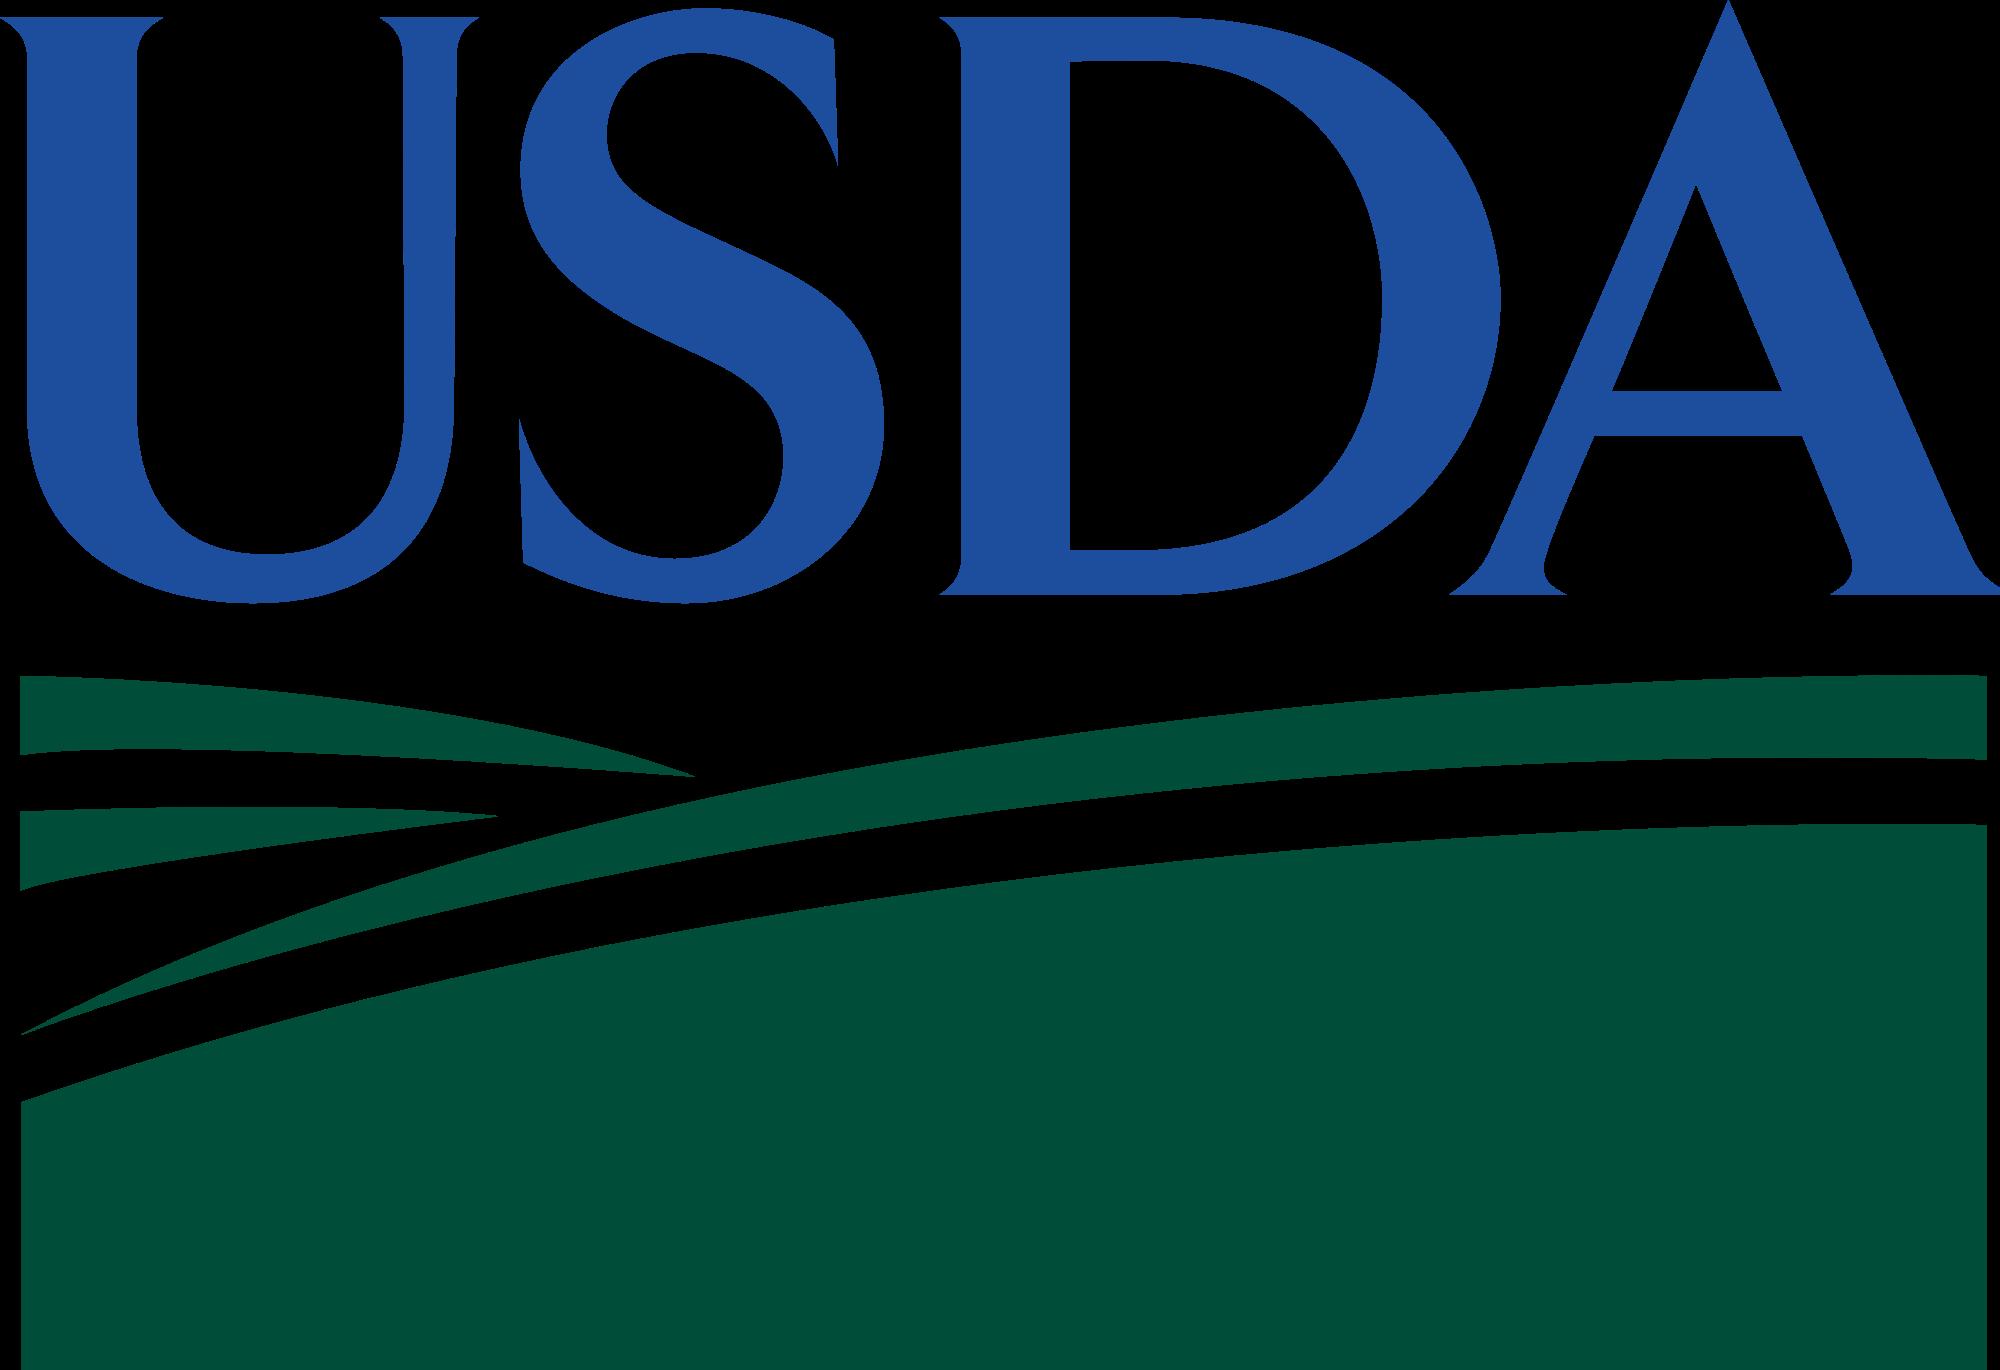 USDA_logo (1).png